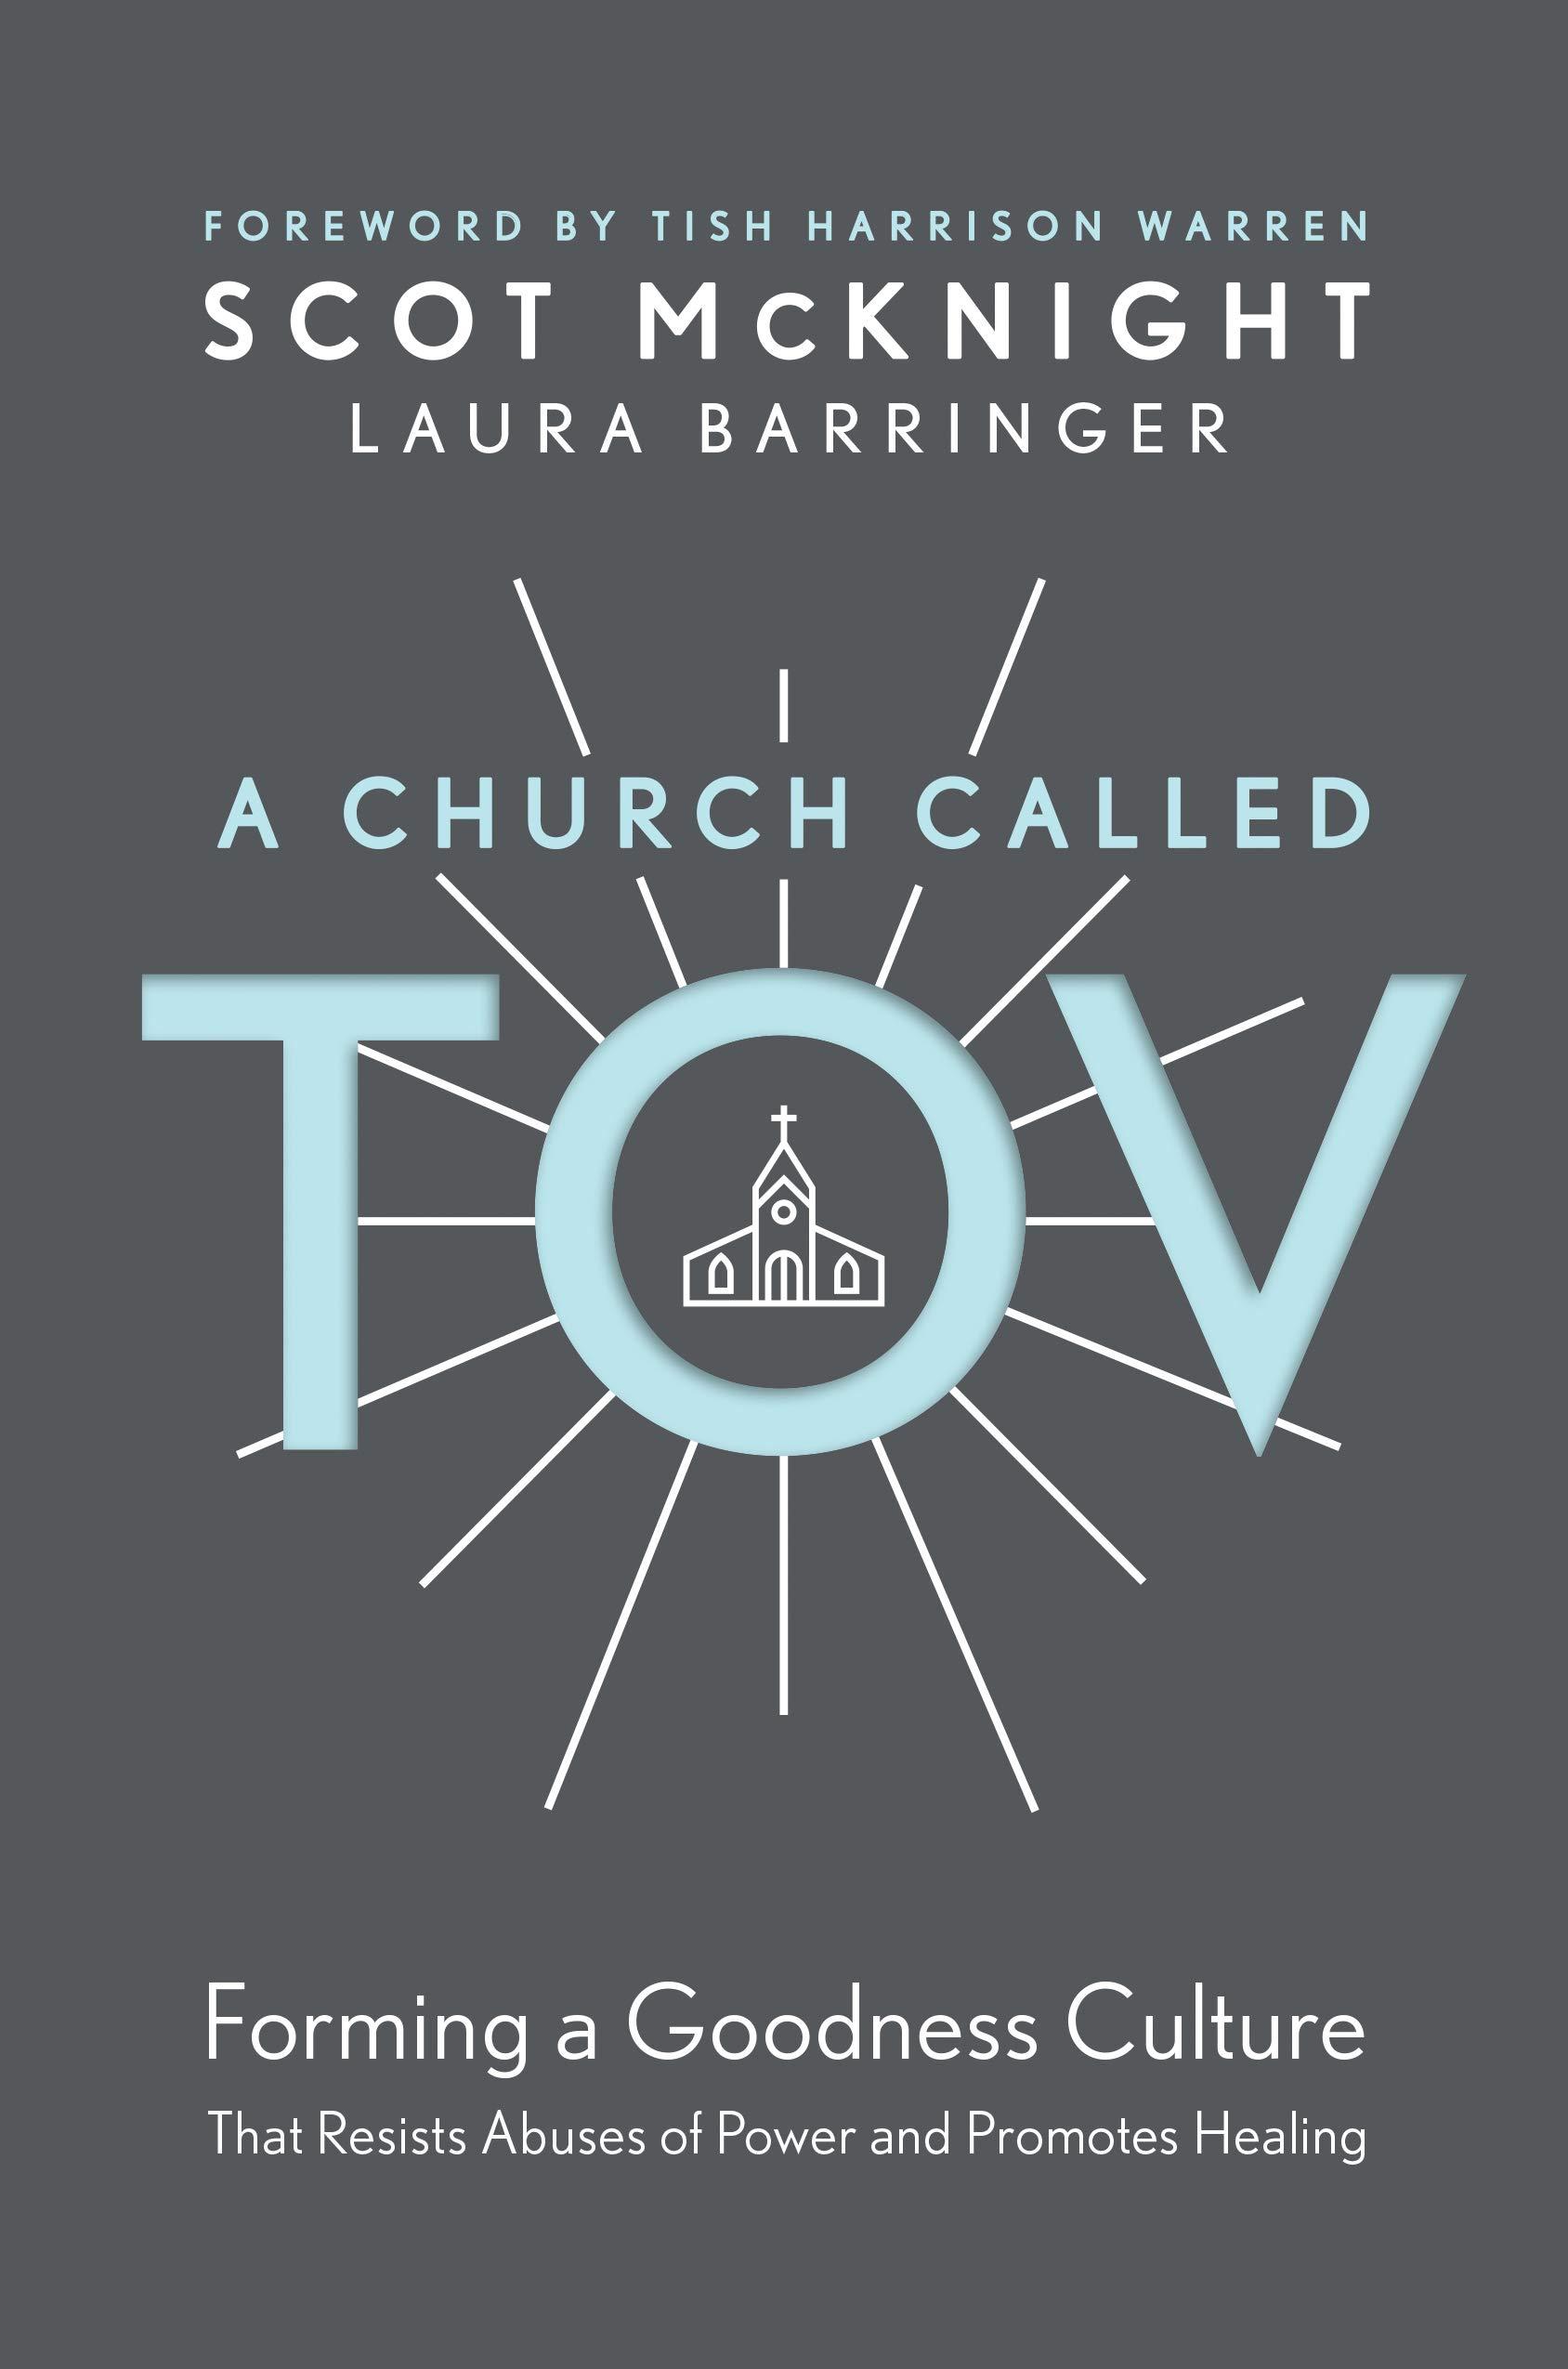 A Church Called Tov